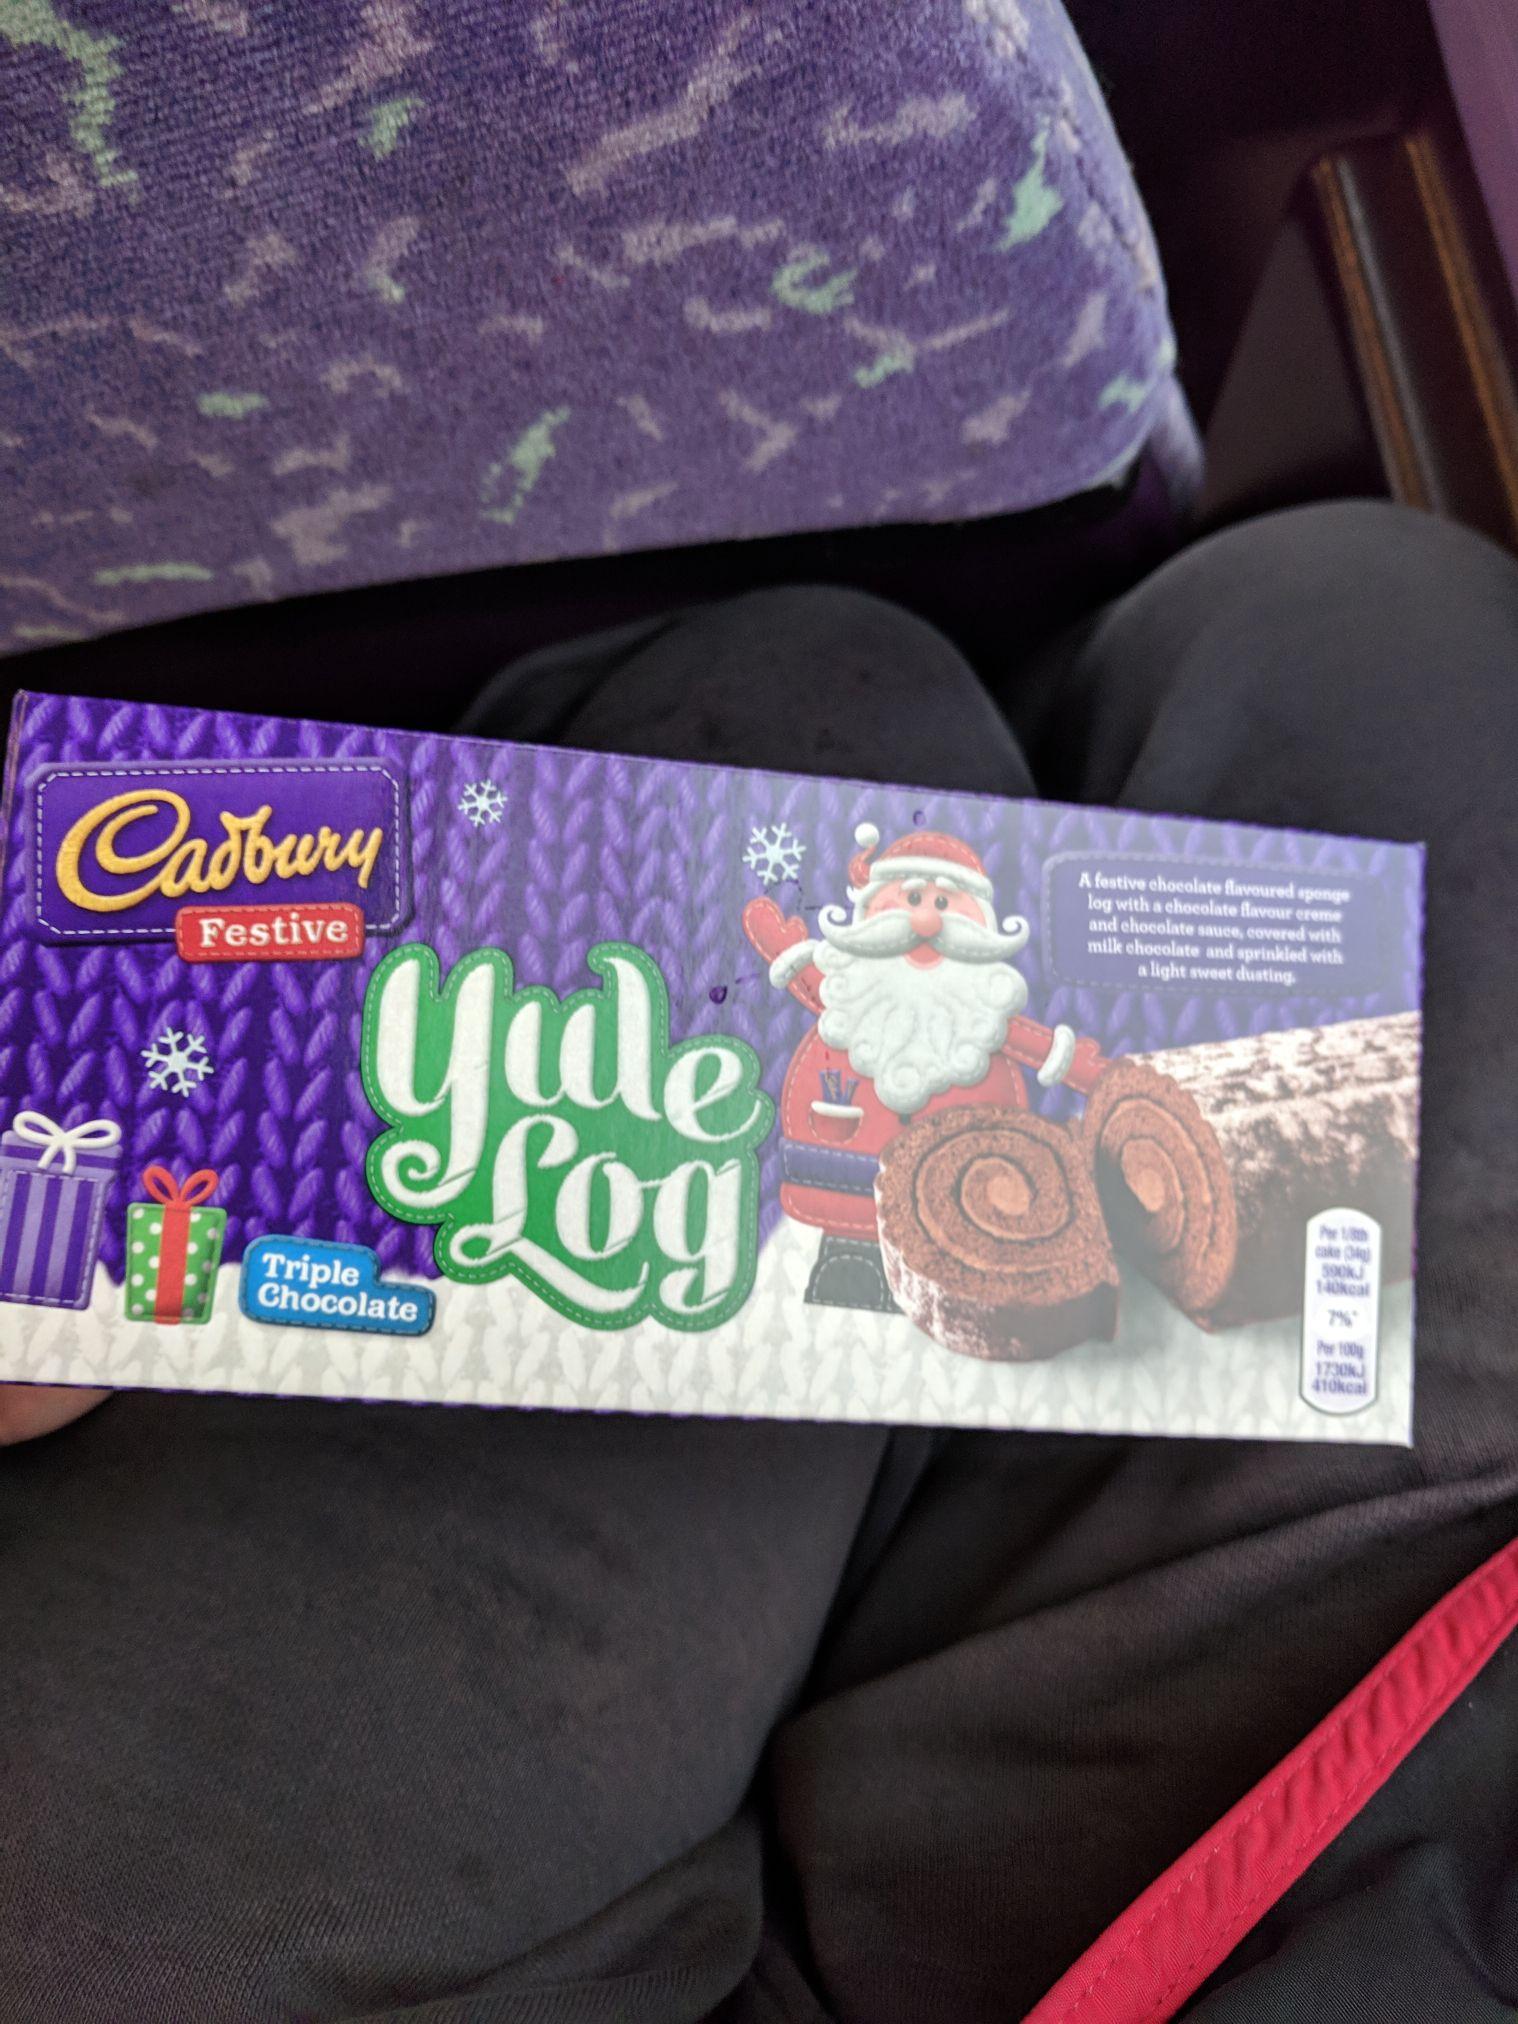 Cadbury Yule Log 65p at Heron Foods (Short dated)